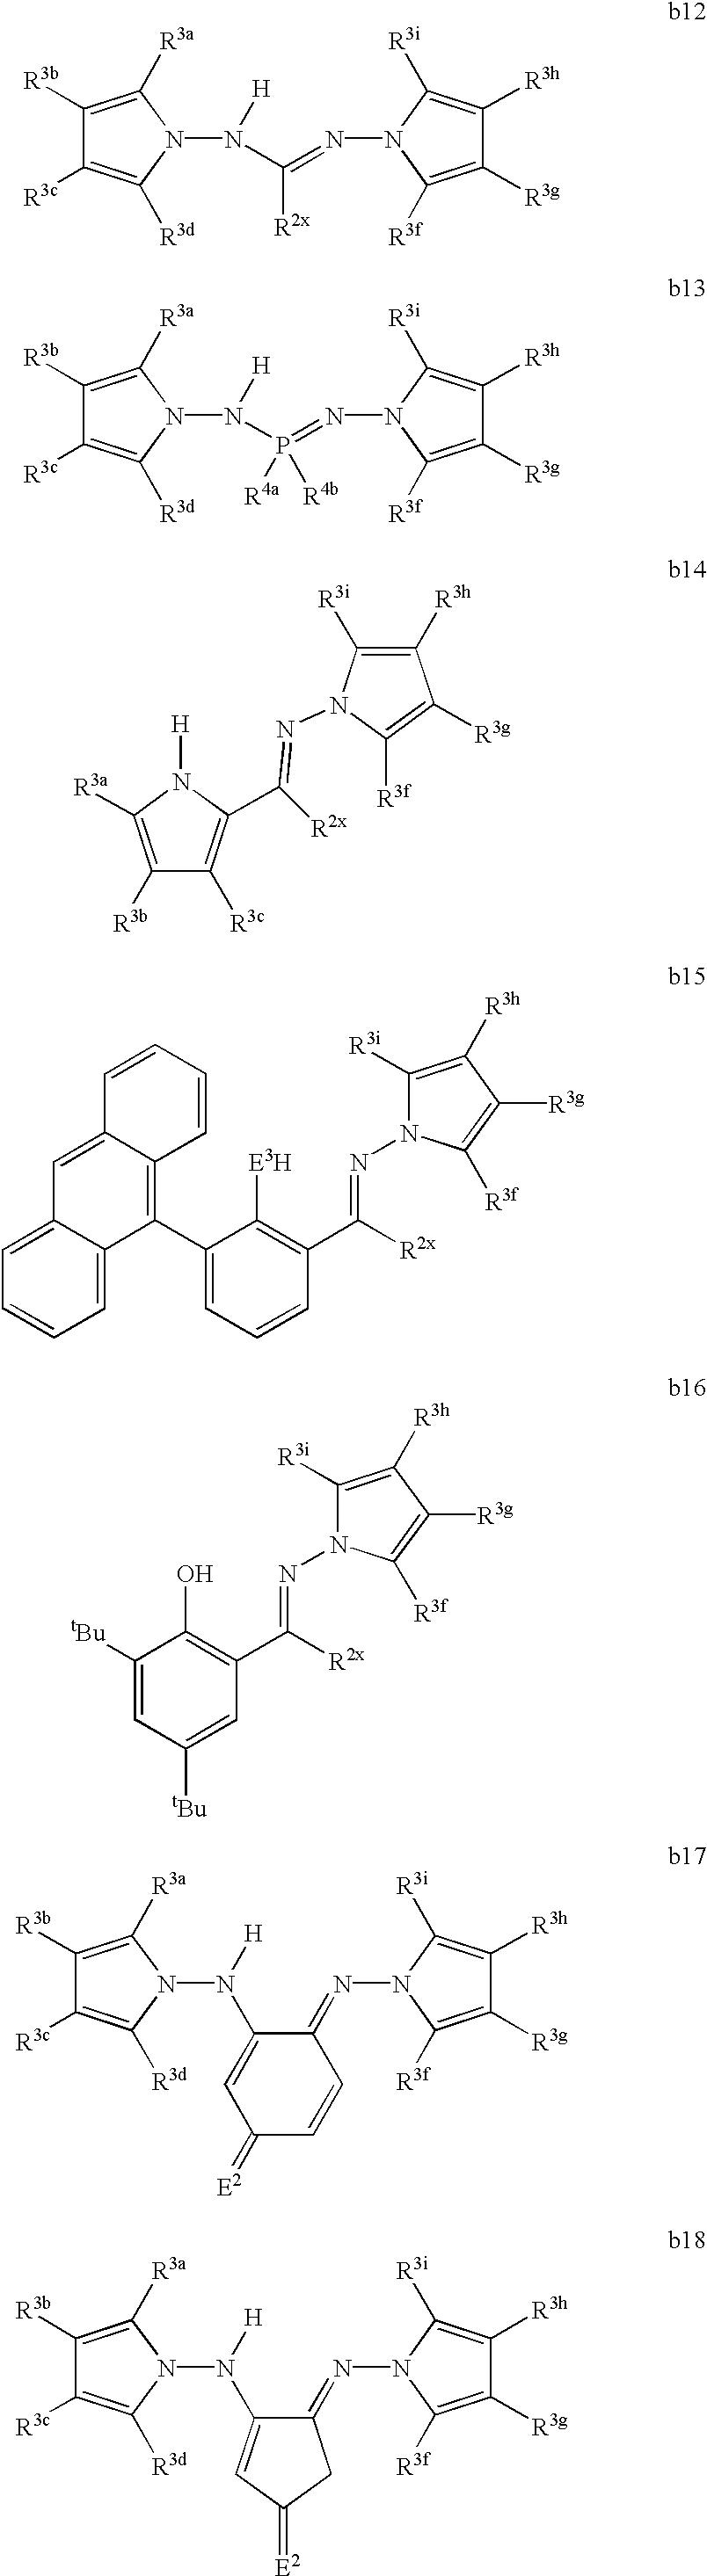 Figure US06545108-20030408-C00017